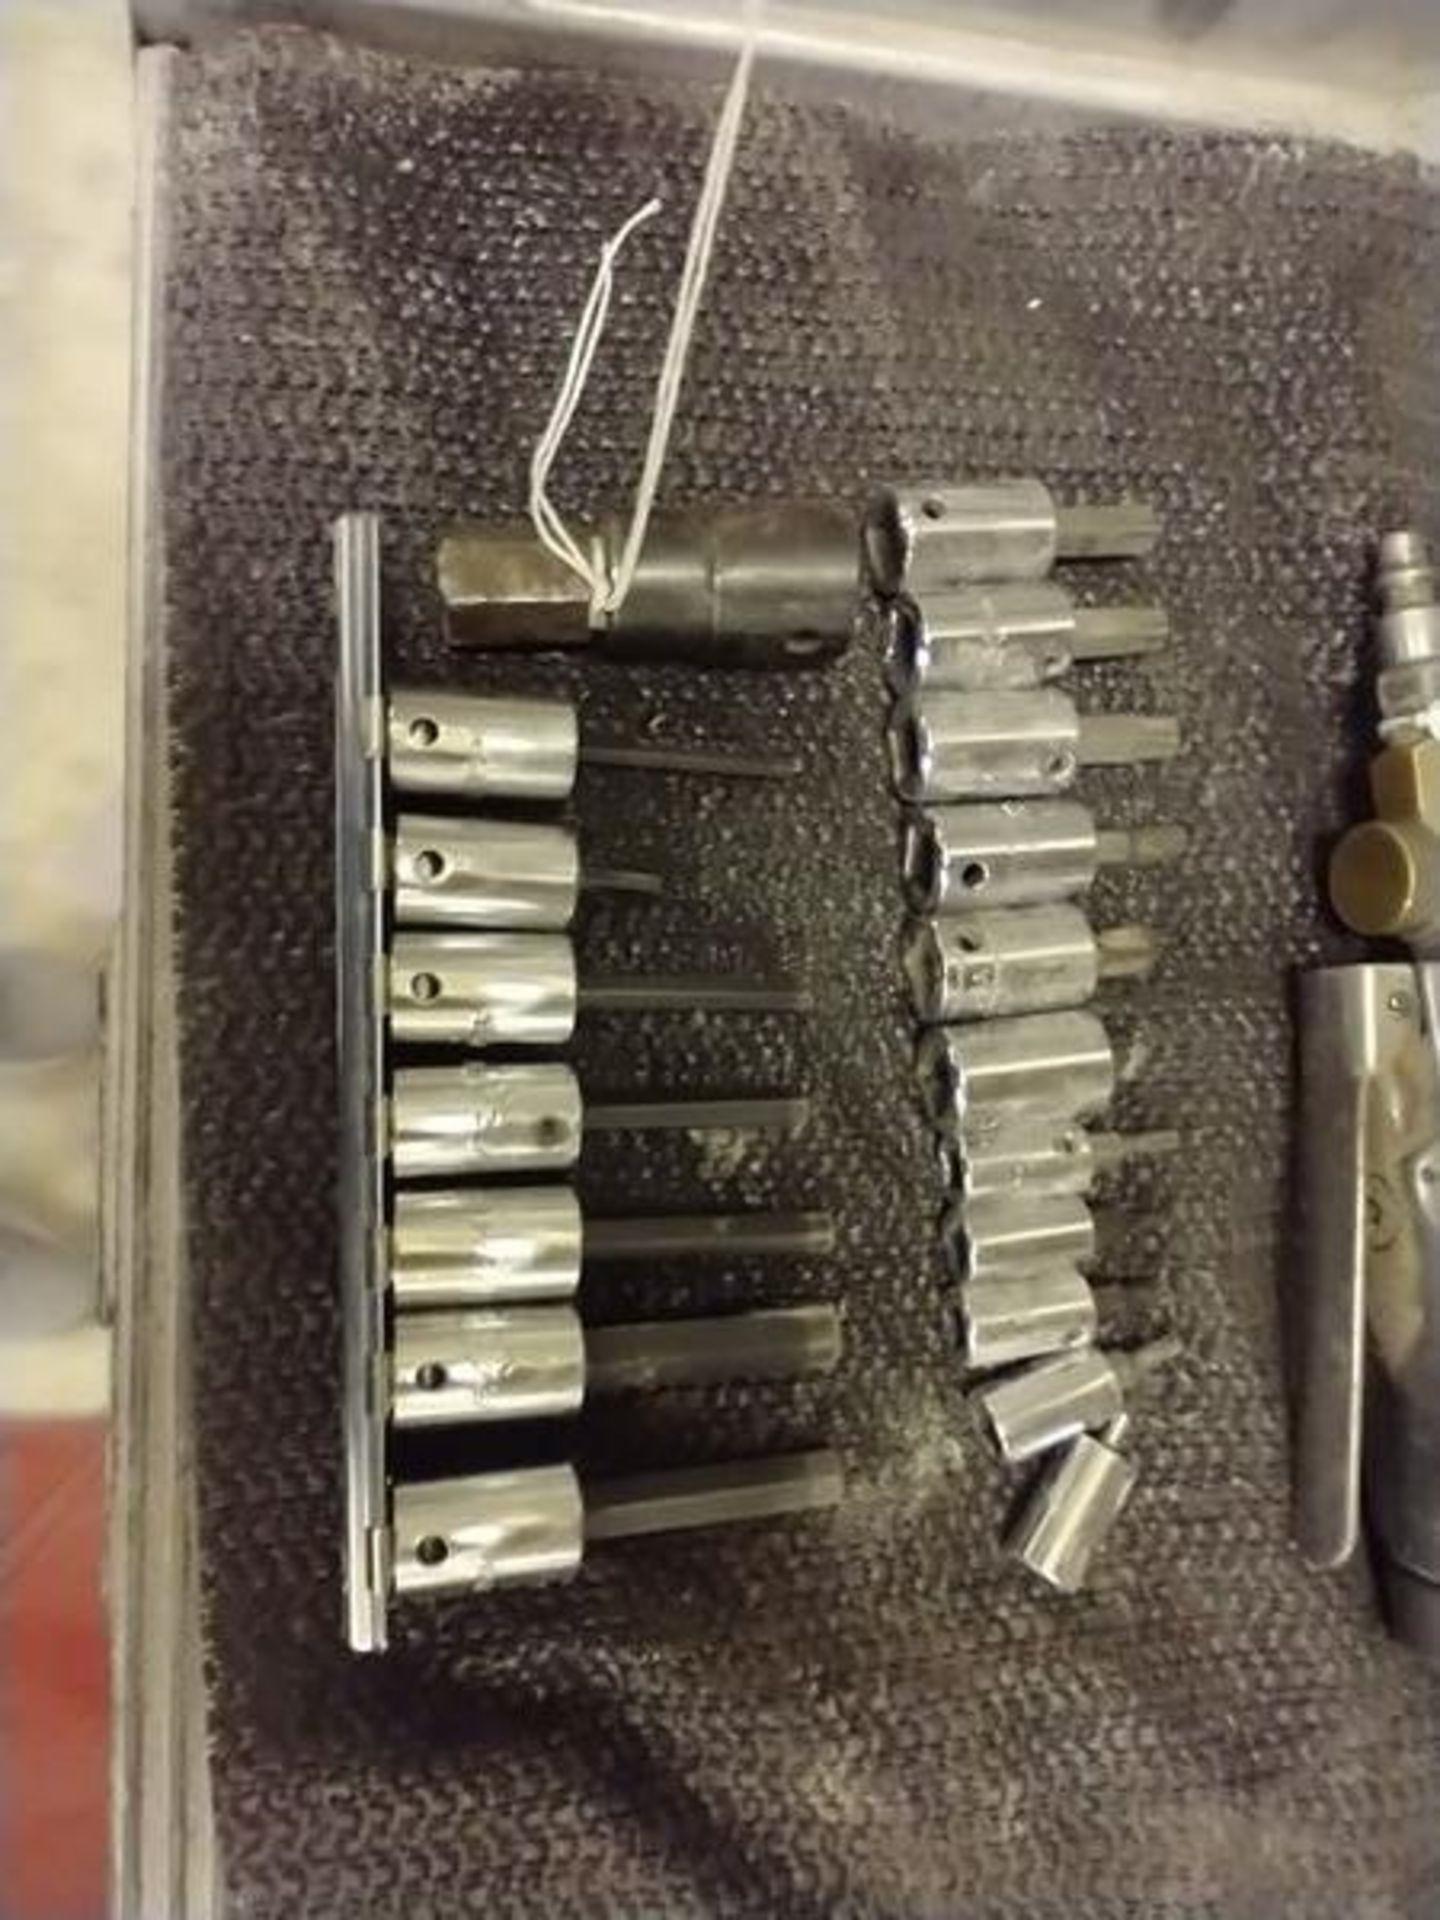 LOT OF MAC TOOLS ASSORTED DRIVER SOCKETS